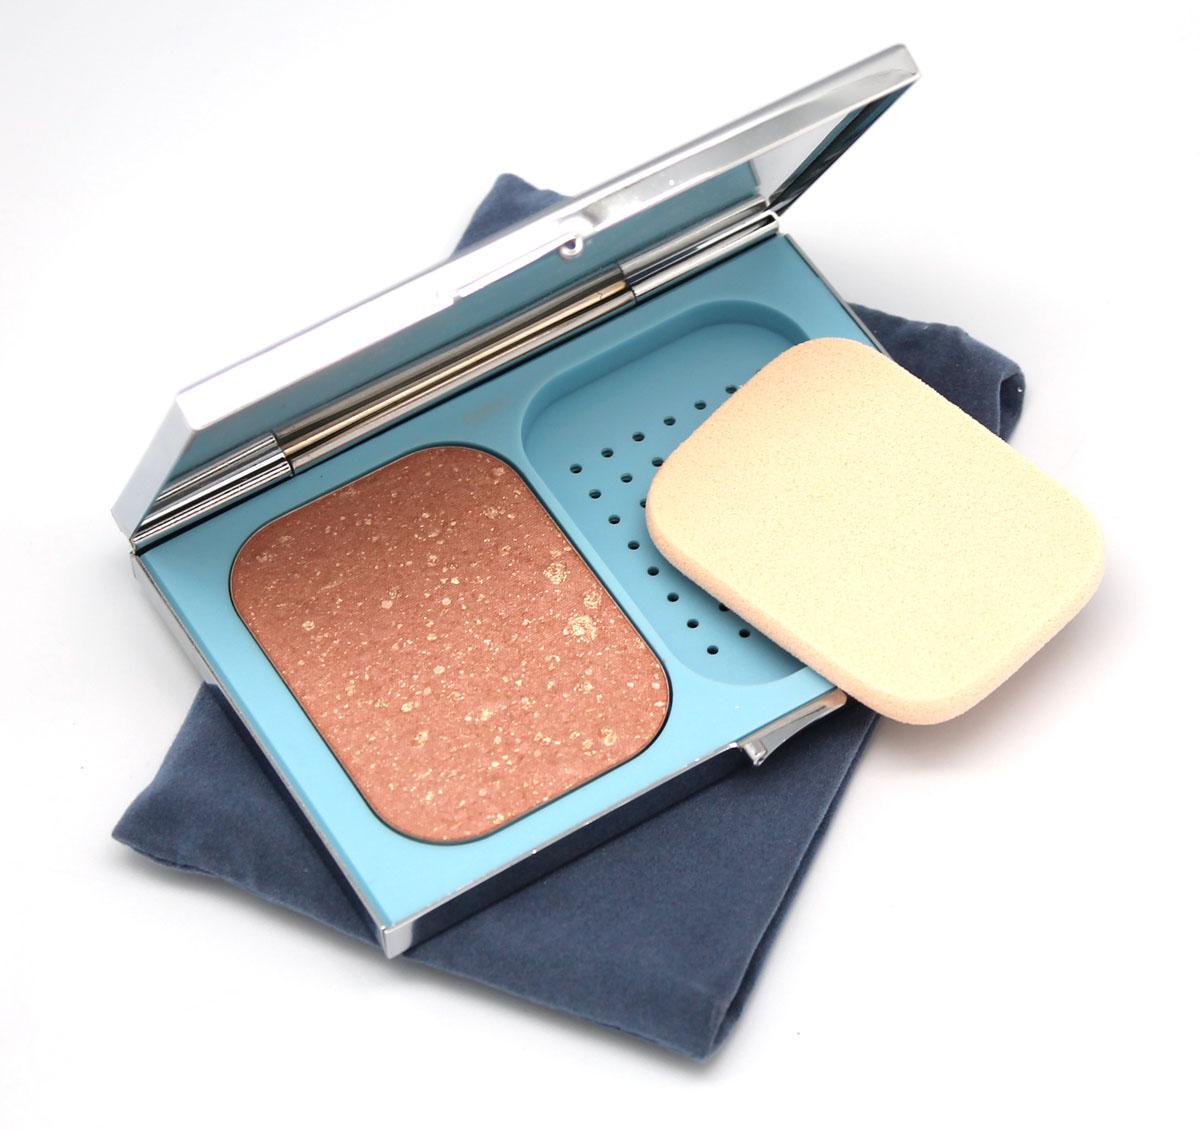 Yllozure Пудра для лица Galaxy Bronzer, тон 5, 11 гр5705Чудесный эффект загара и мягкое, благородное сияние придает лицу компактная пудра-бронзатор Галактика. Скользящие полимеры помогают легко и равномерно растушевывать бронзатор на коже для максимально естественного вида. С помощью бронзатора можно не только придать коже отдохнувший вид и загарный оттенок, но и скорректировать форму лица.